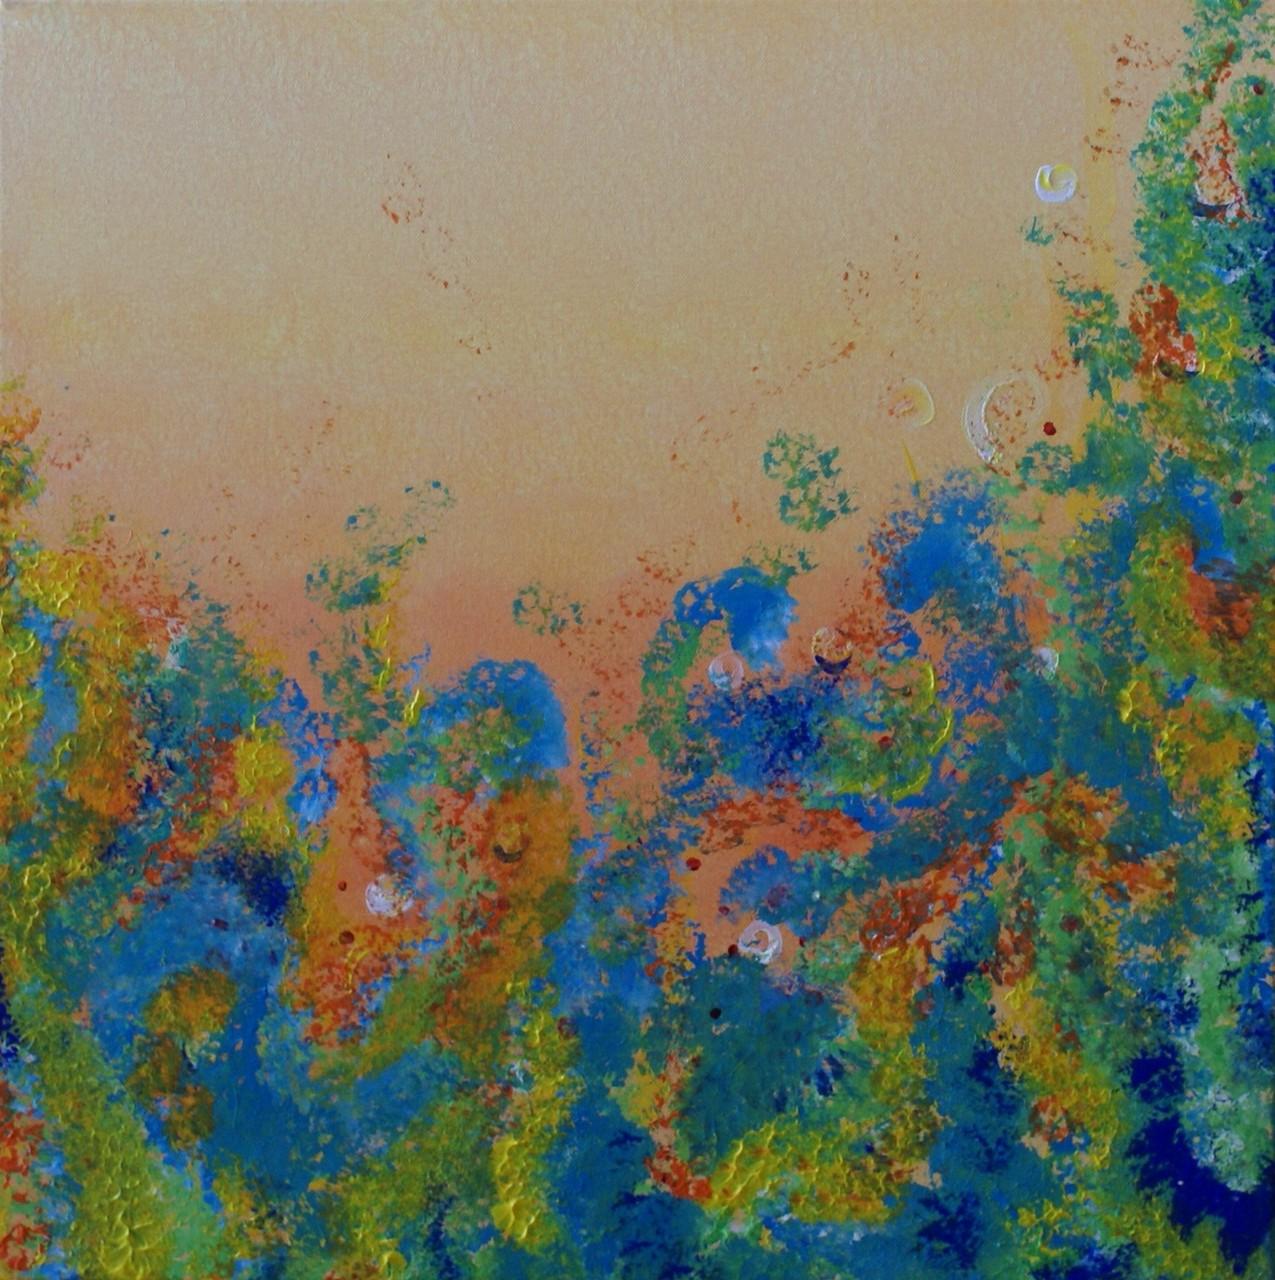 Tanz der Freude - 50 x 50  - Acryl auf Leinwand - Fr. 370.-